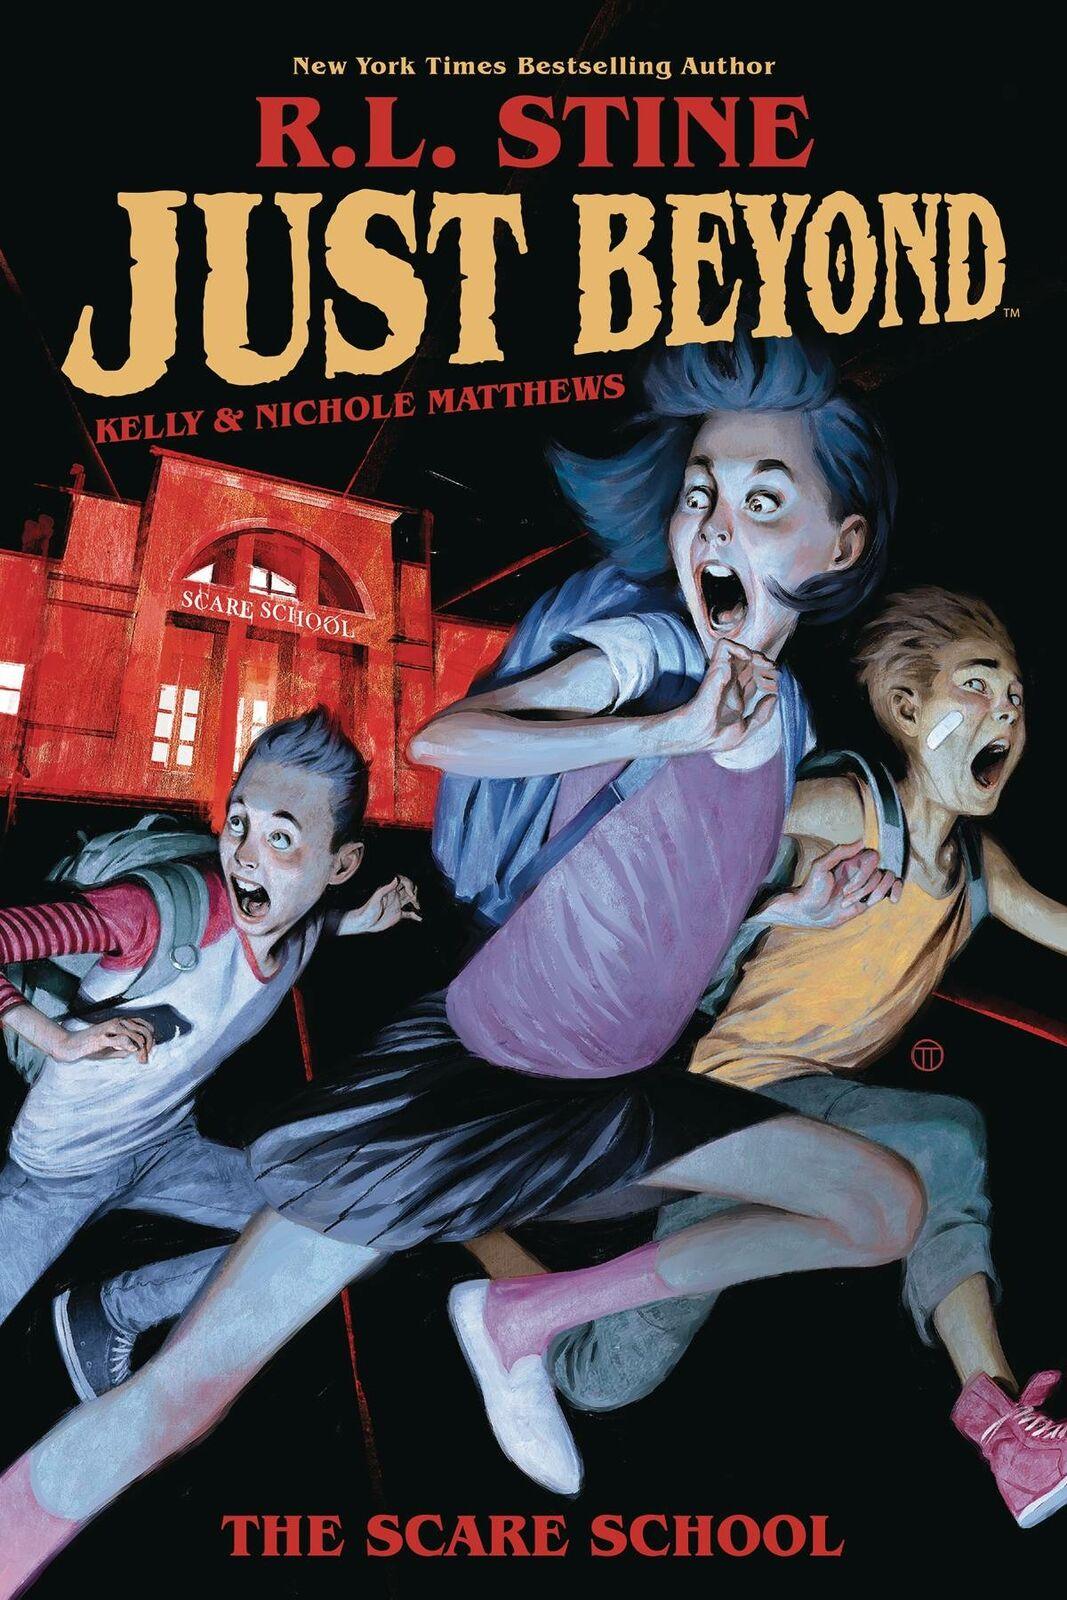 la copertina di uno dei libri di stine vede tre ragazzi fuggire terrorizzati da scuola - nerdface